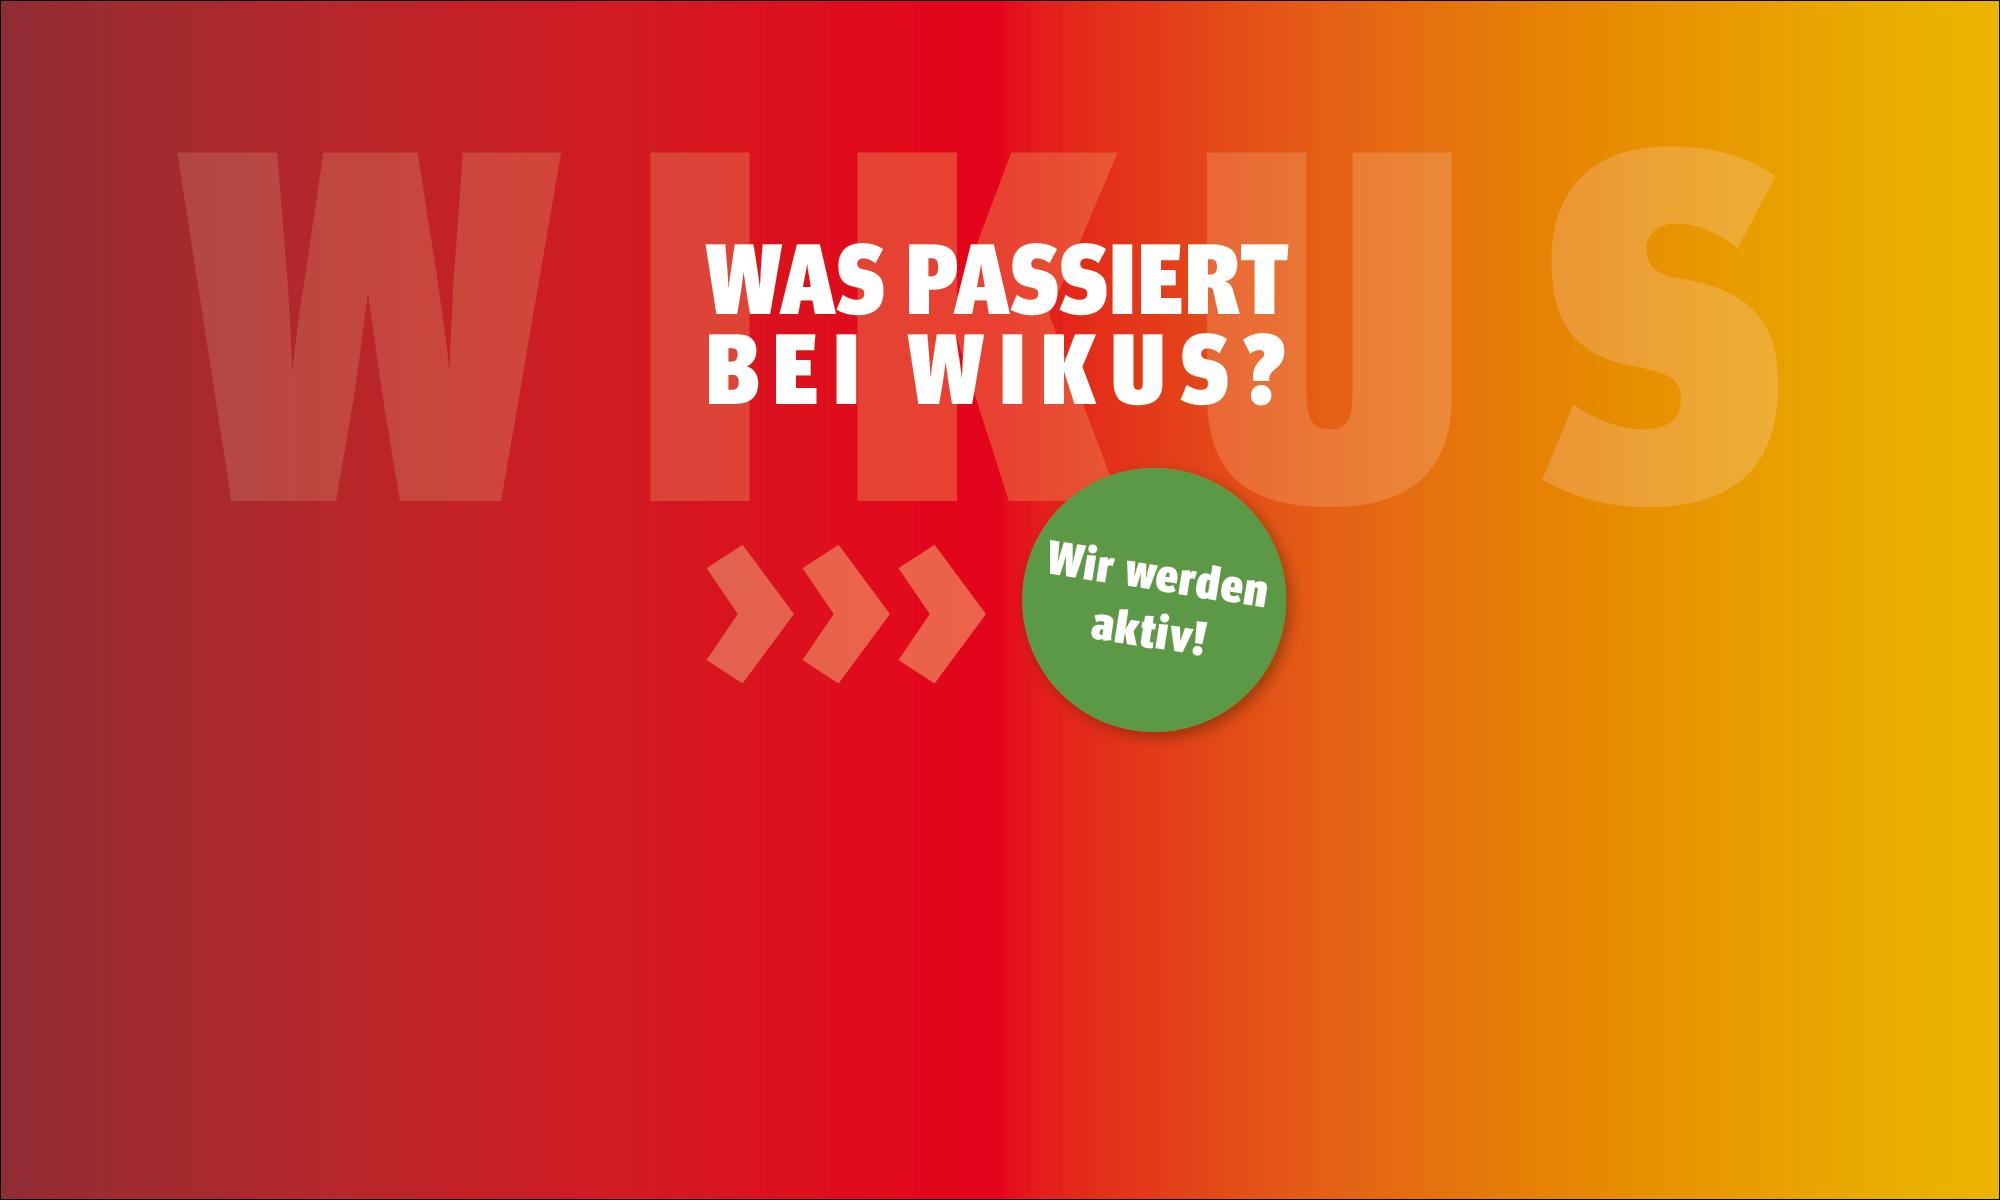 toll-wikus.de